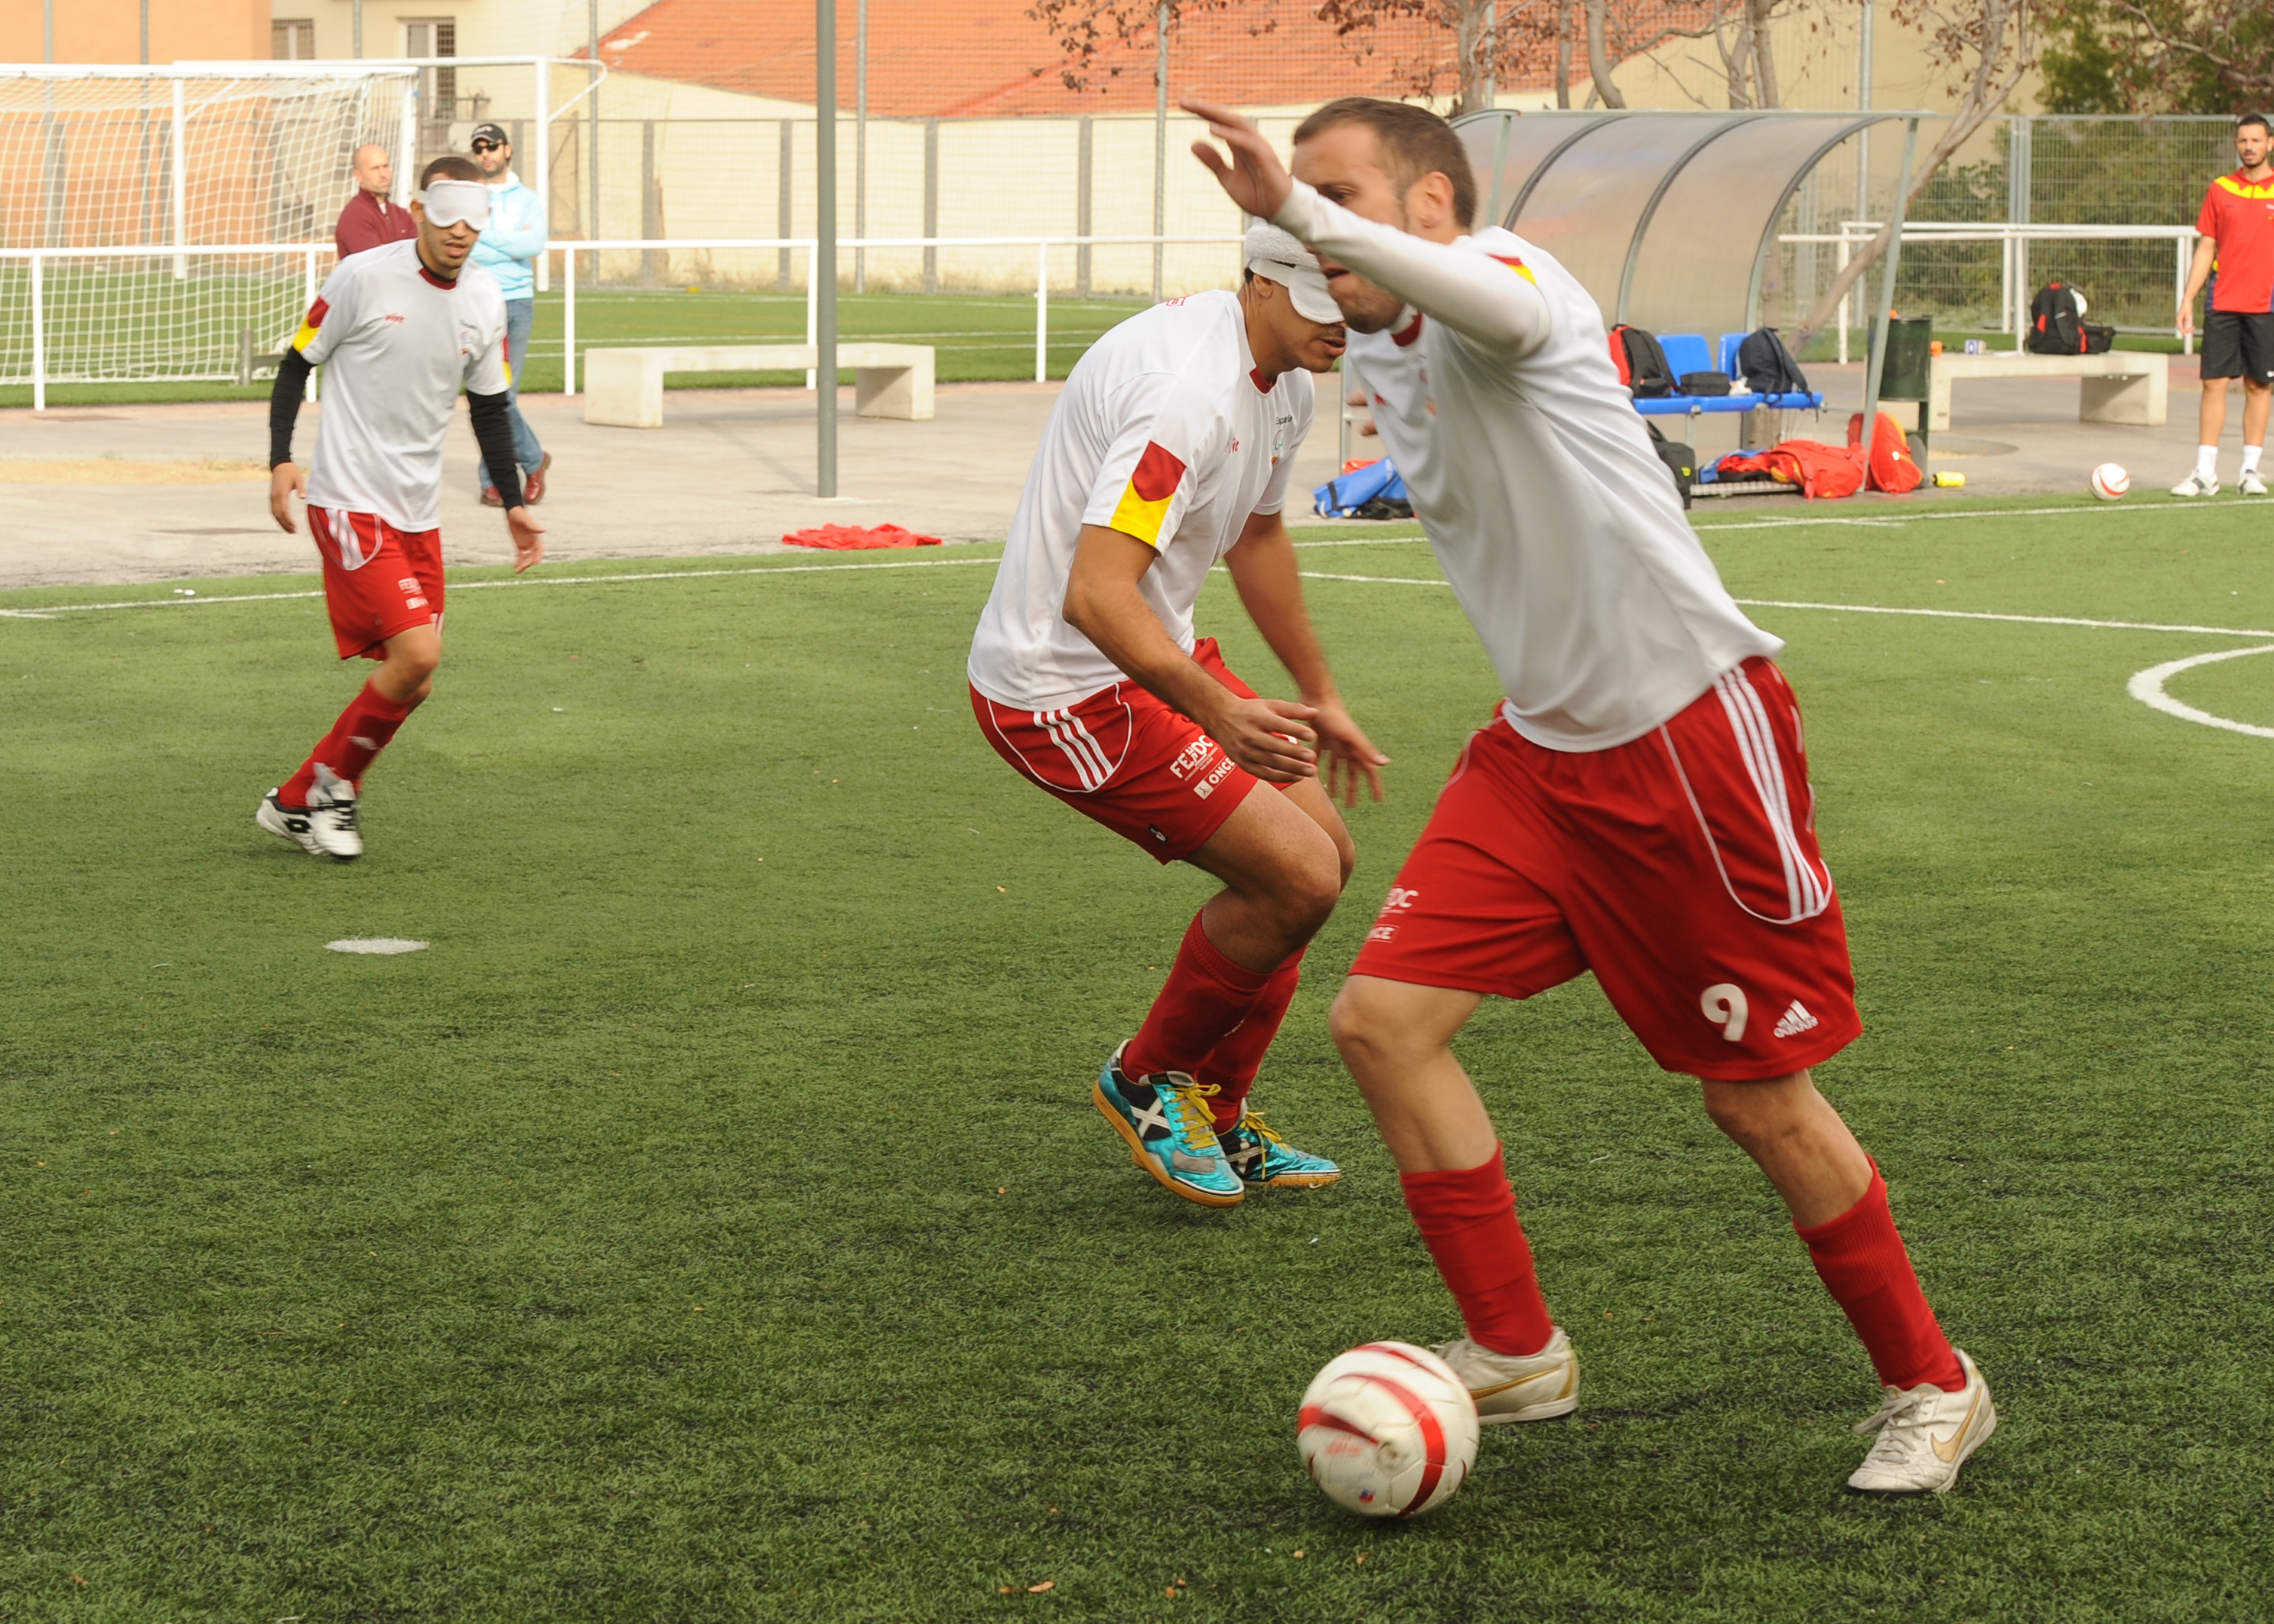 Martín Gaitán en plena jugada, durante un entrenamiento en la concentración de Madrid